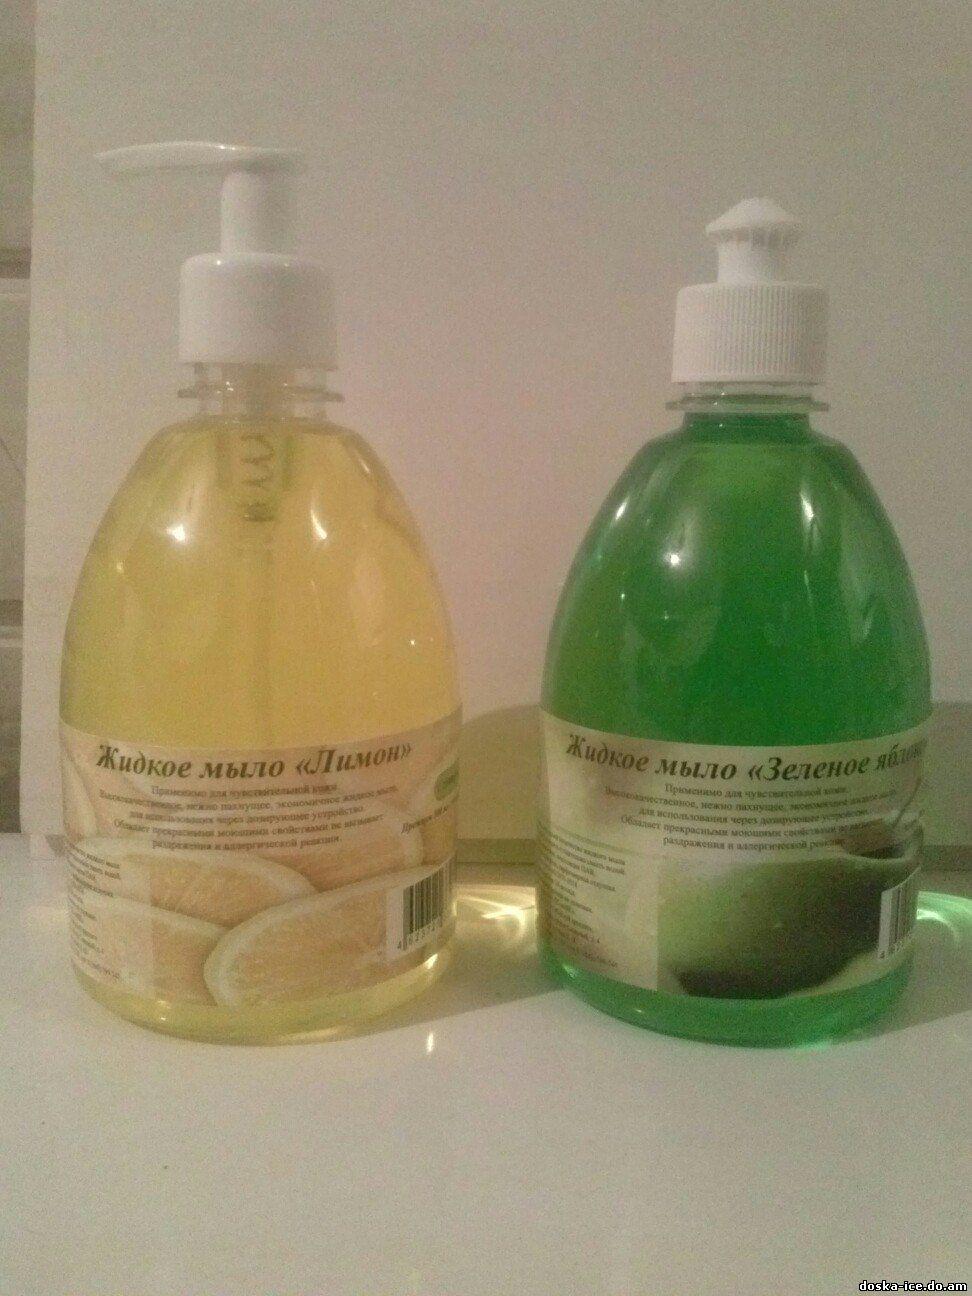 Как сделать мыло своими руками? Основы и примеры 62